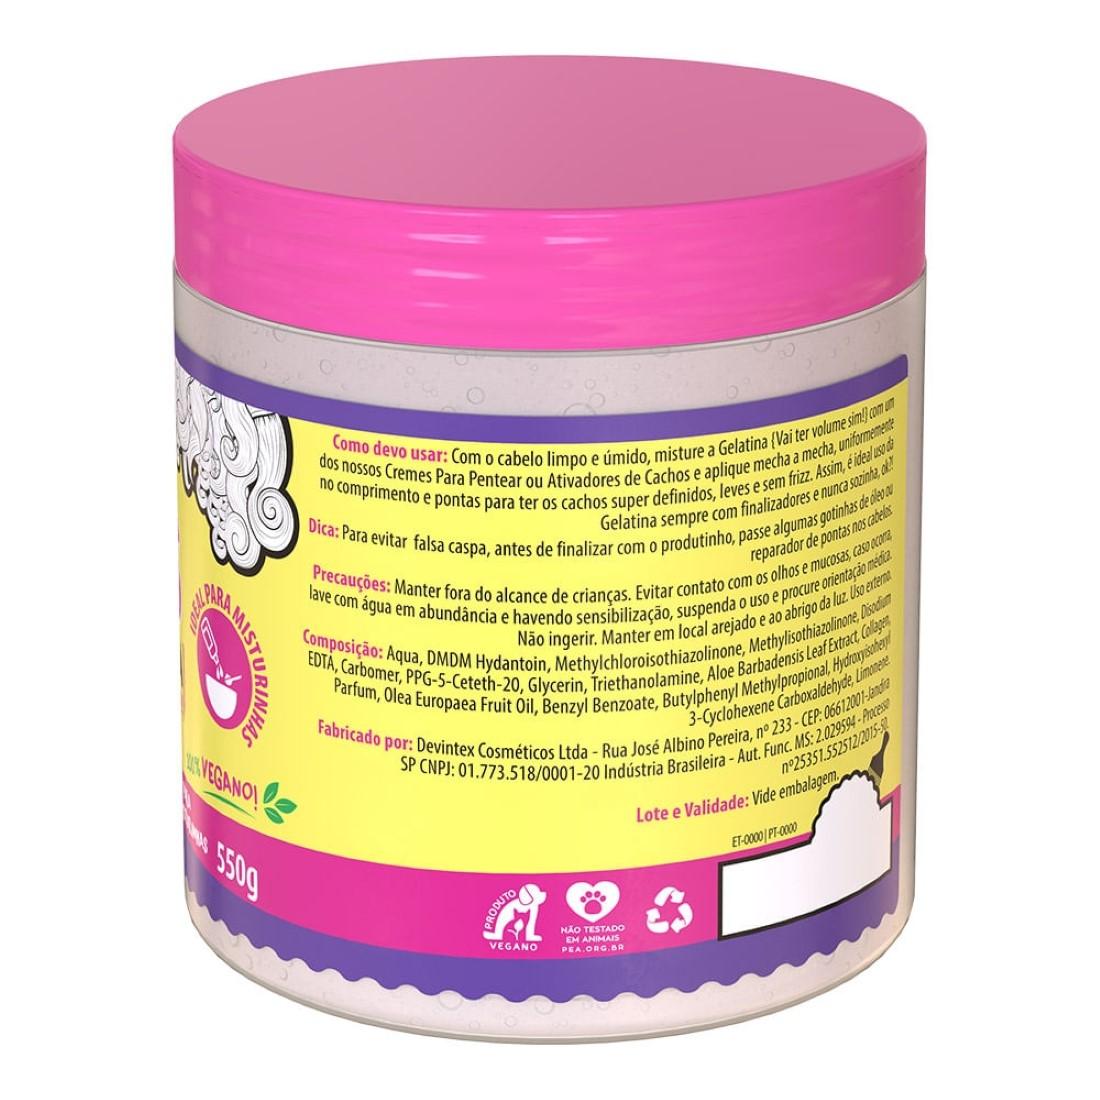 Gel Mix para Misturinhas Gelatina Vai Ter Volume Sim! #ToDeCacho 550g - Salon Line